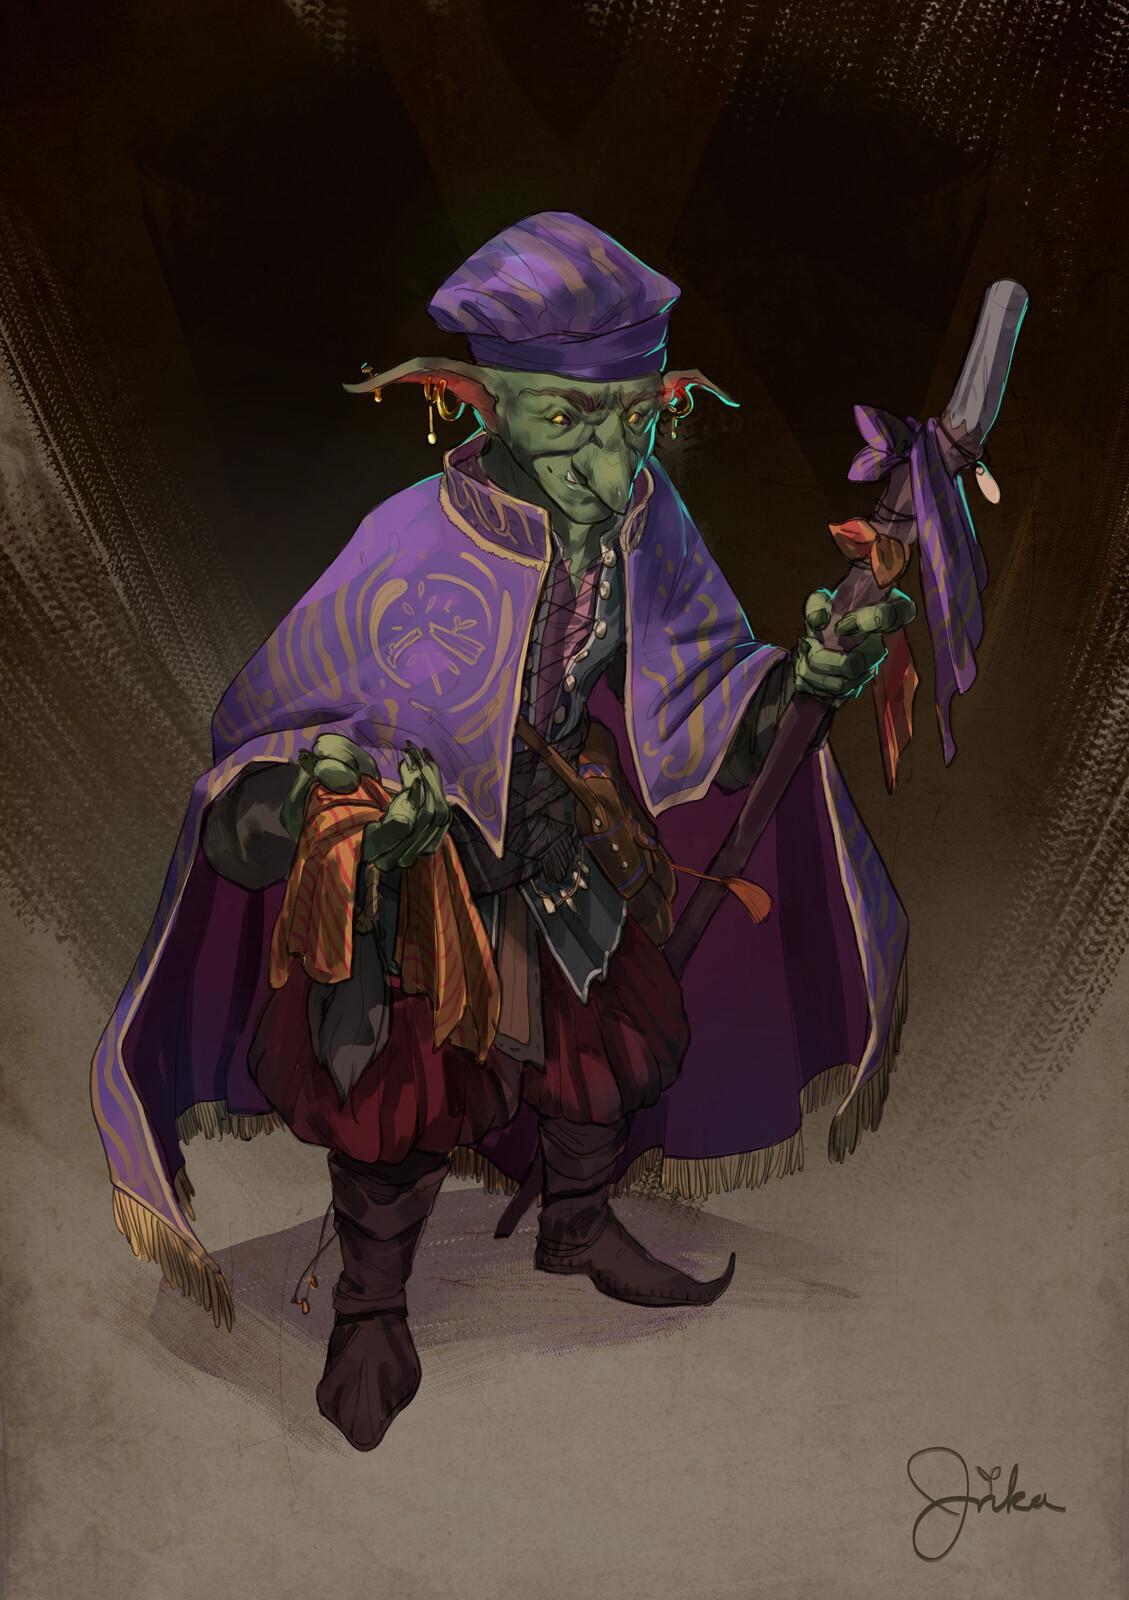 Droop, the Merchant